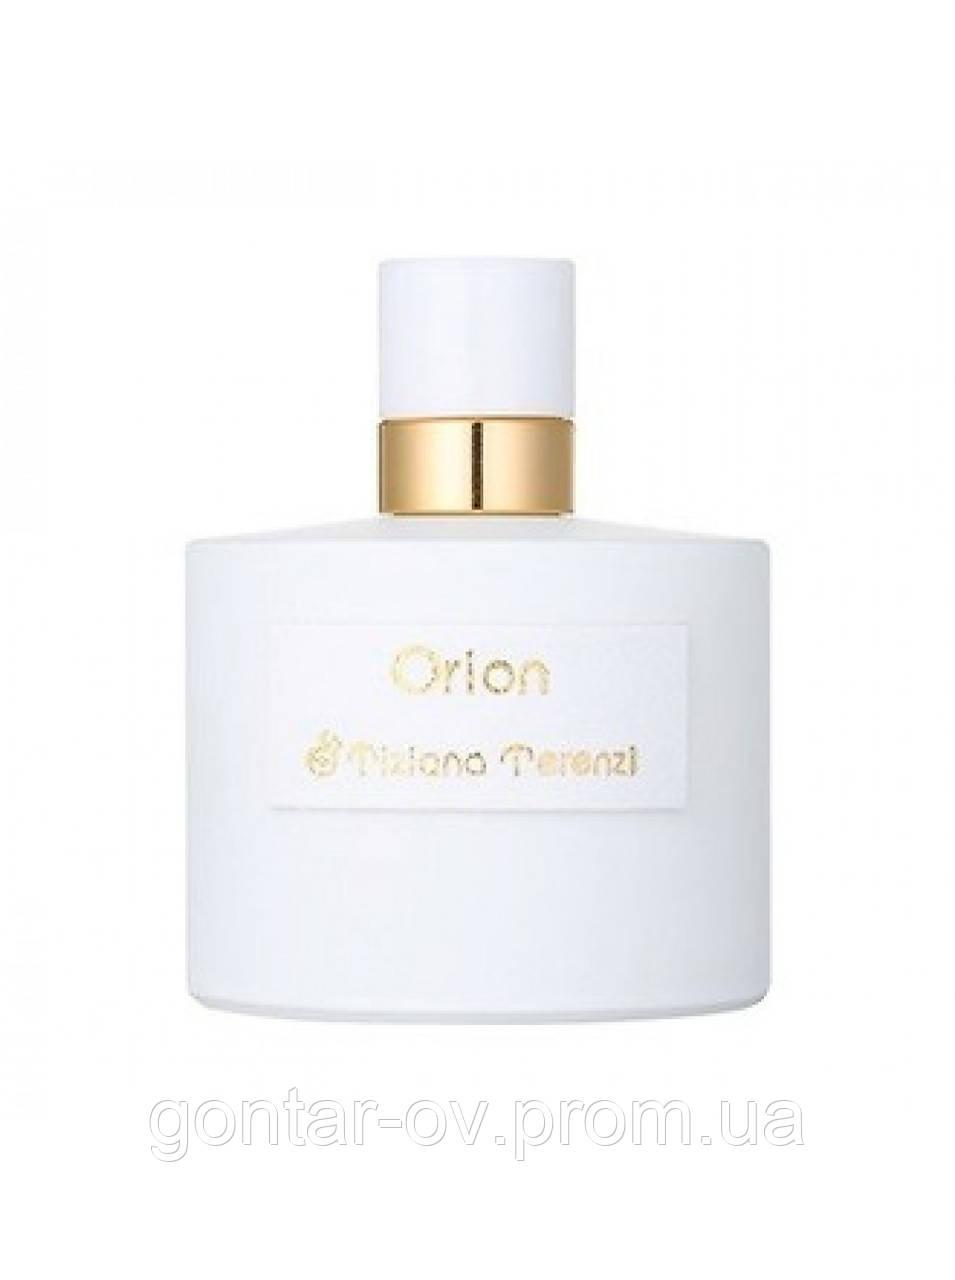 Orion Tiziano Terenzi парфюмированная вода